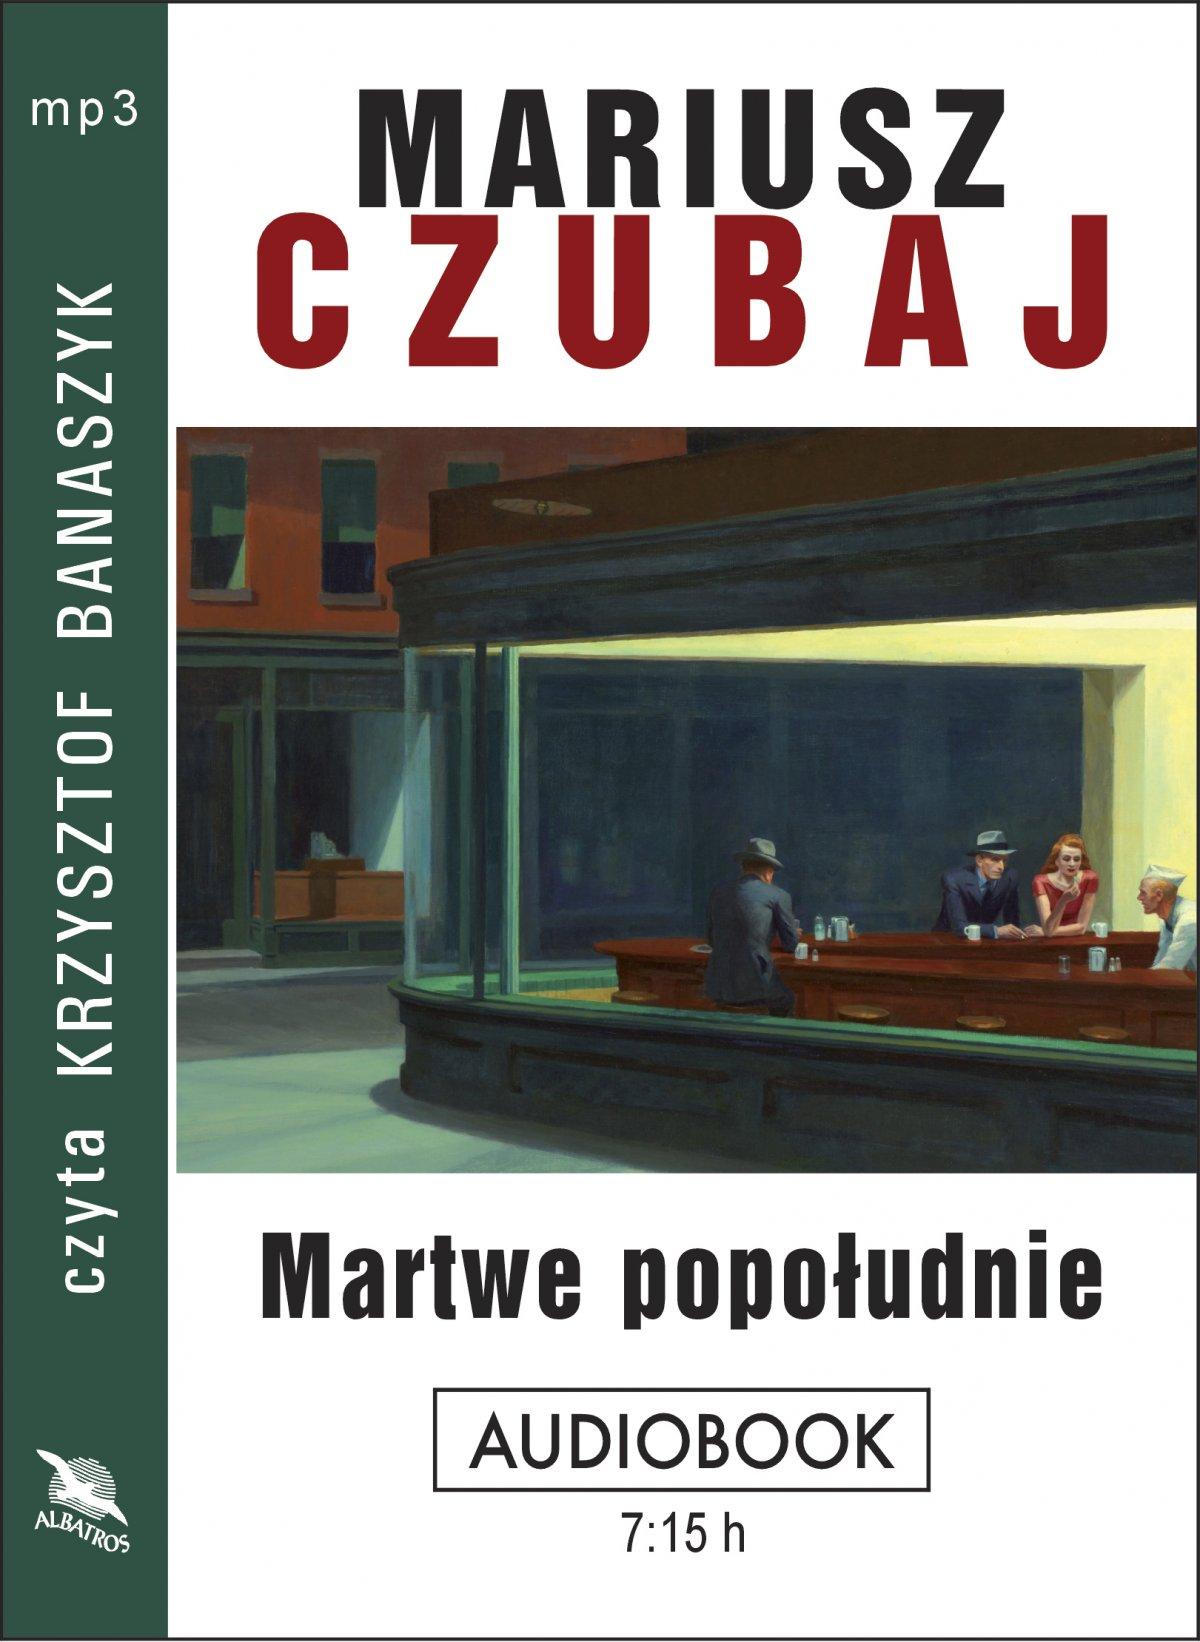 Mariusz Czubaj - Martwe popołudnie (okładka)